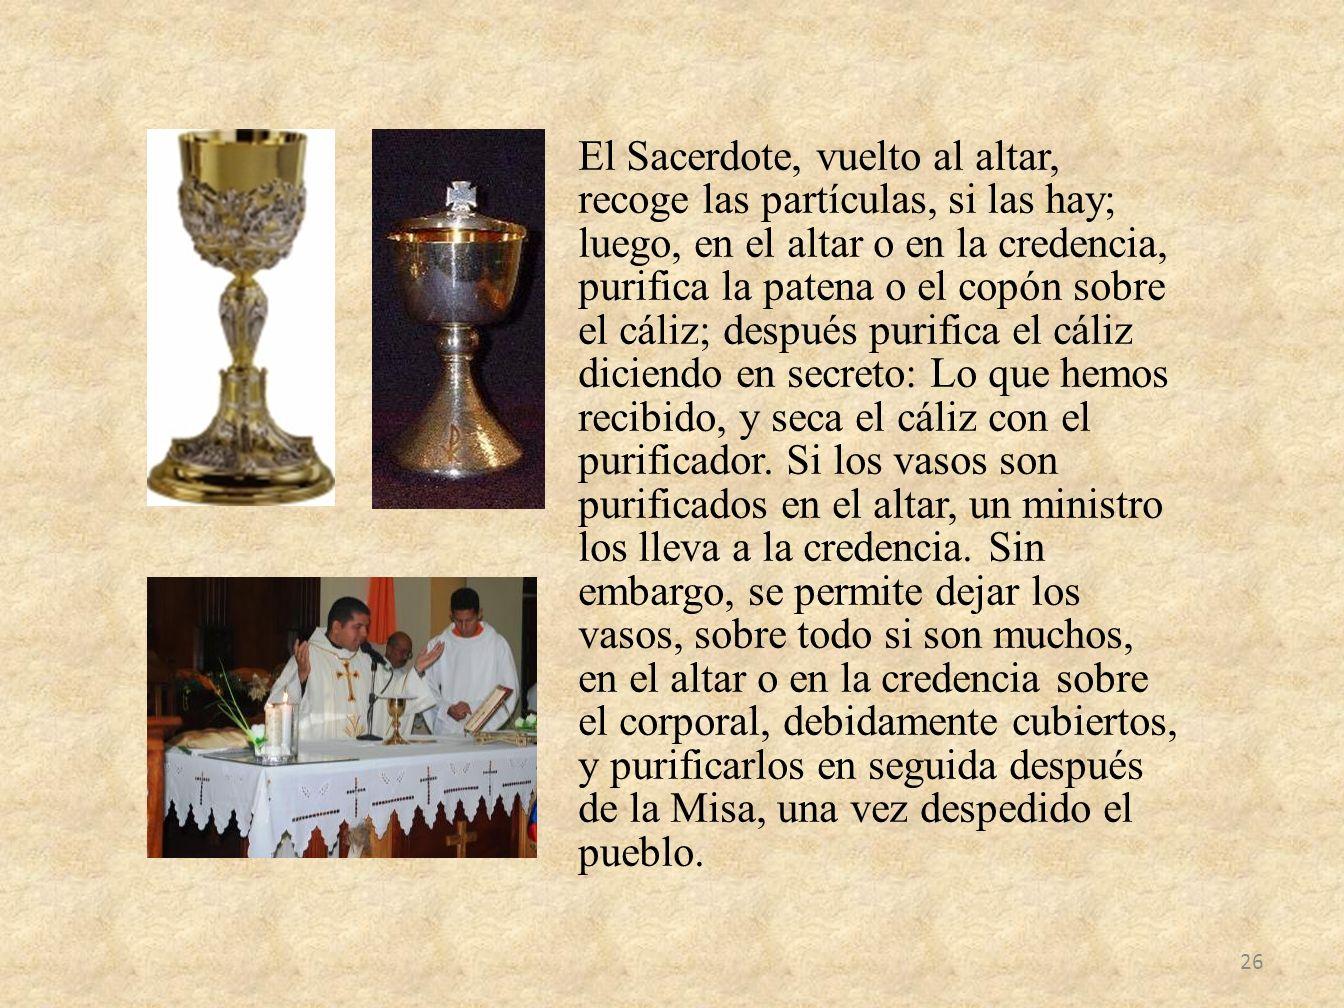 El Sacerdote, vuelto al altar, recoge las partículas, si las hay; luego, en el altar o en la credencia, purifica la patena o el copón sobre el cáliz; después purifica el cáliz diciendo en secreto: Lo que hemos recibido, y seca el cáliz con el purificador.